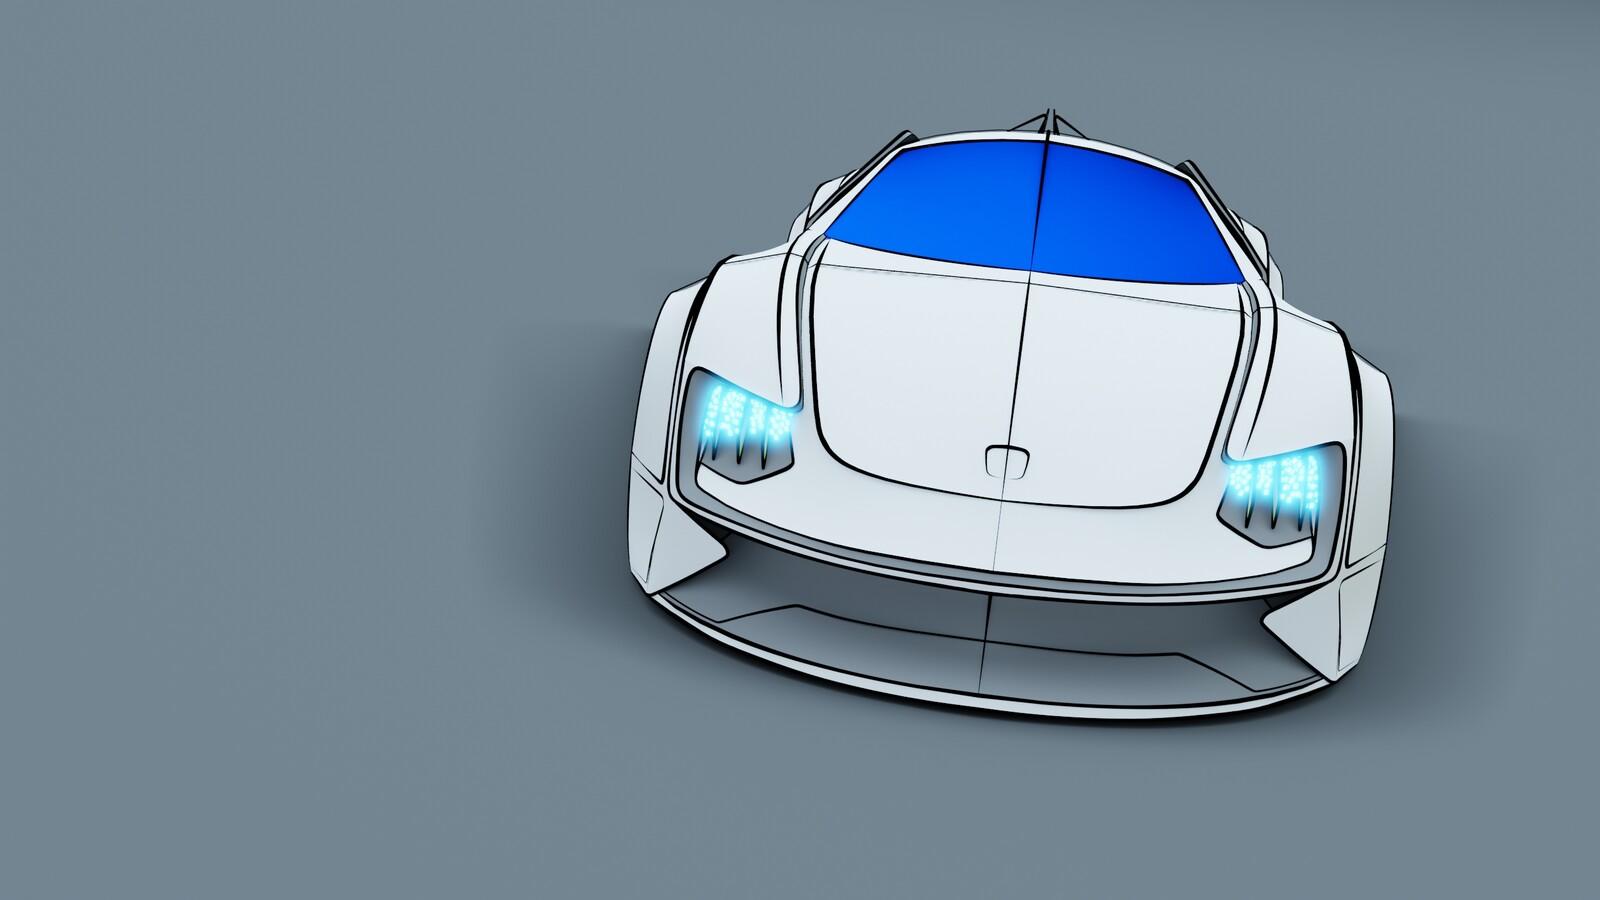 Blender rendering